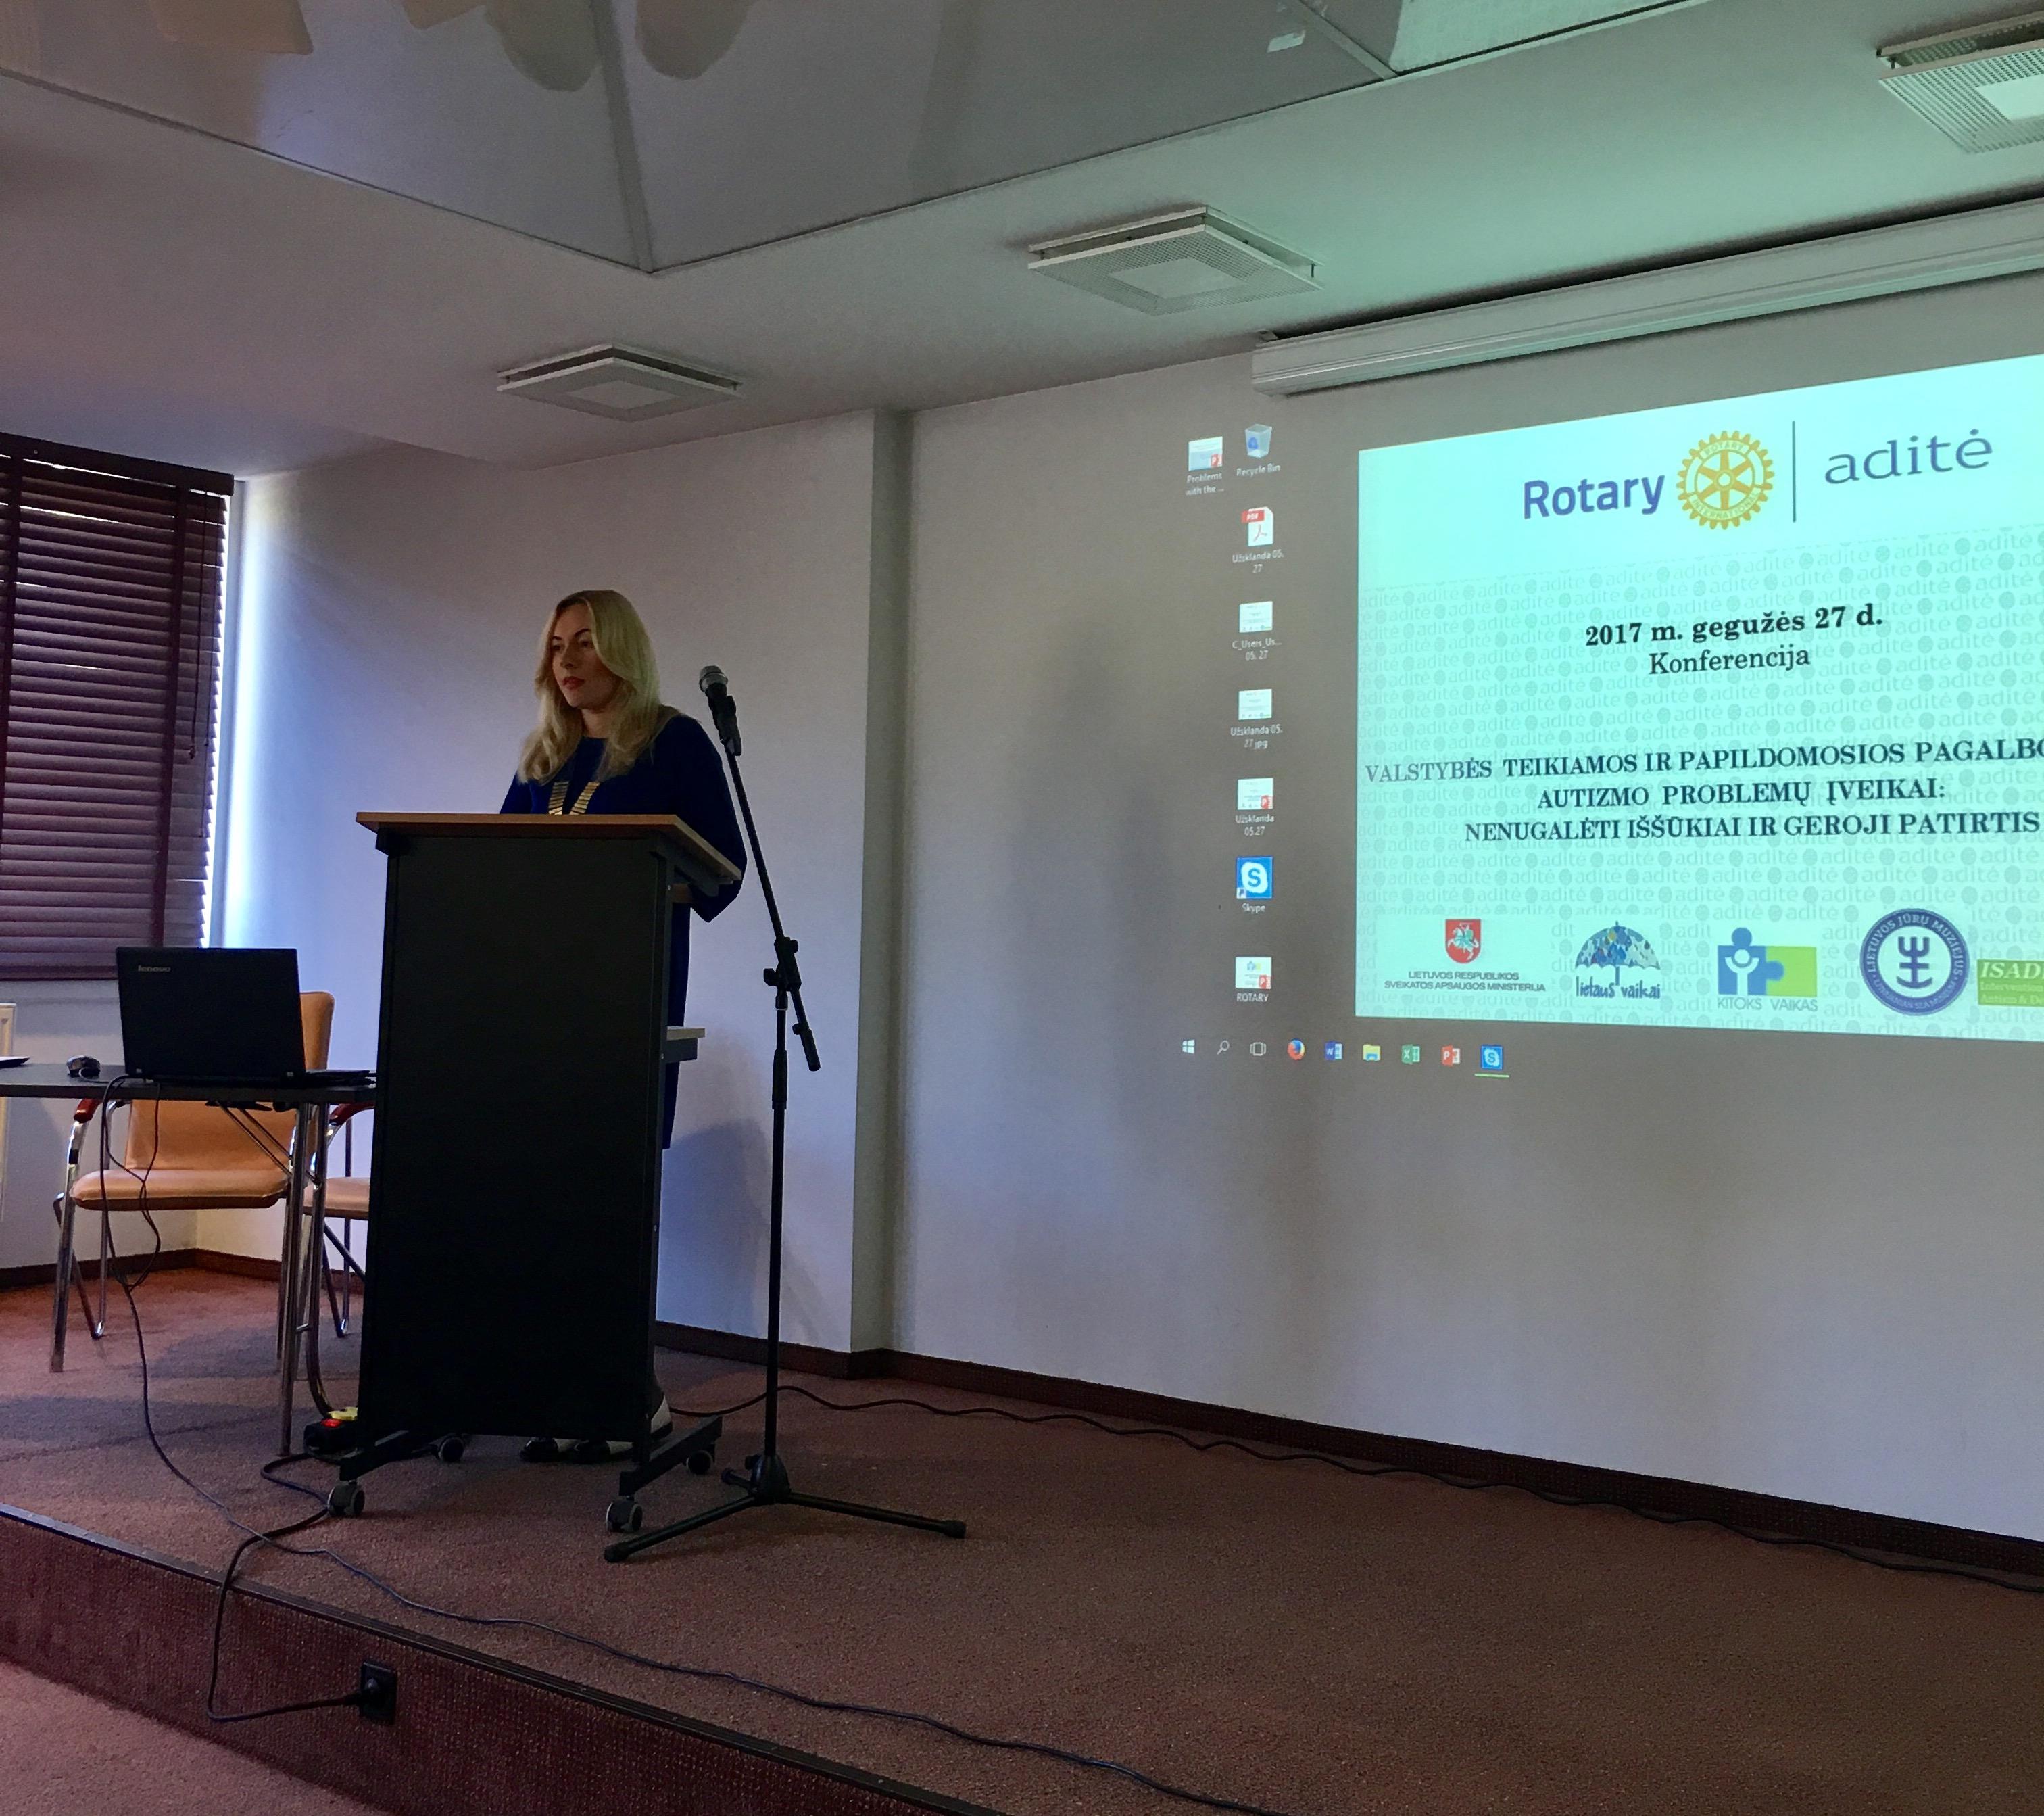 Auginančių autistiškus vaikus šeimų asociacijos Lietuvos vyriausybei pateikė rezoliuciją